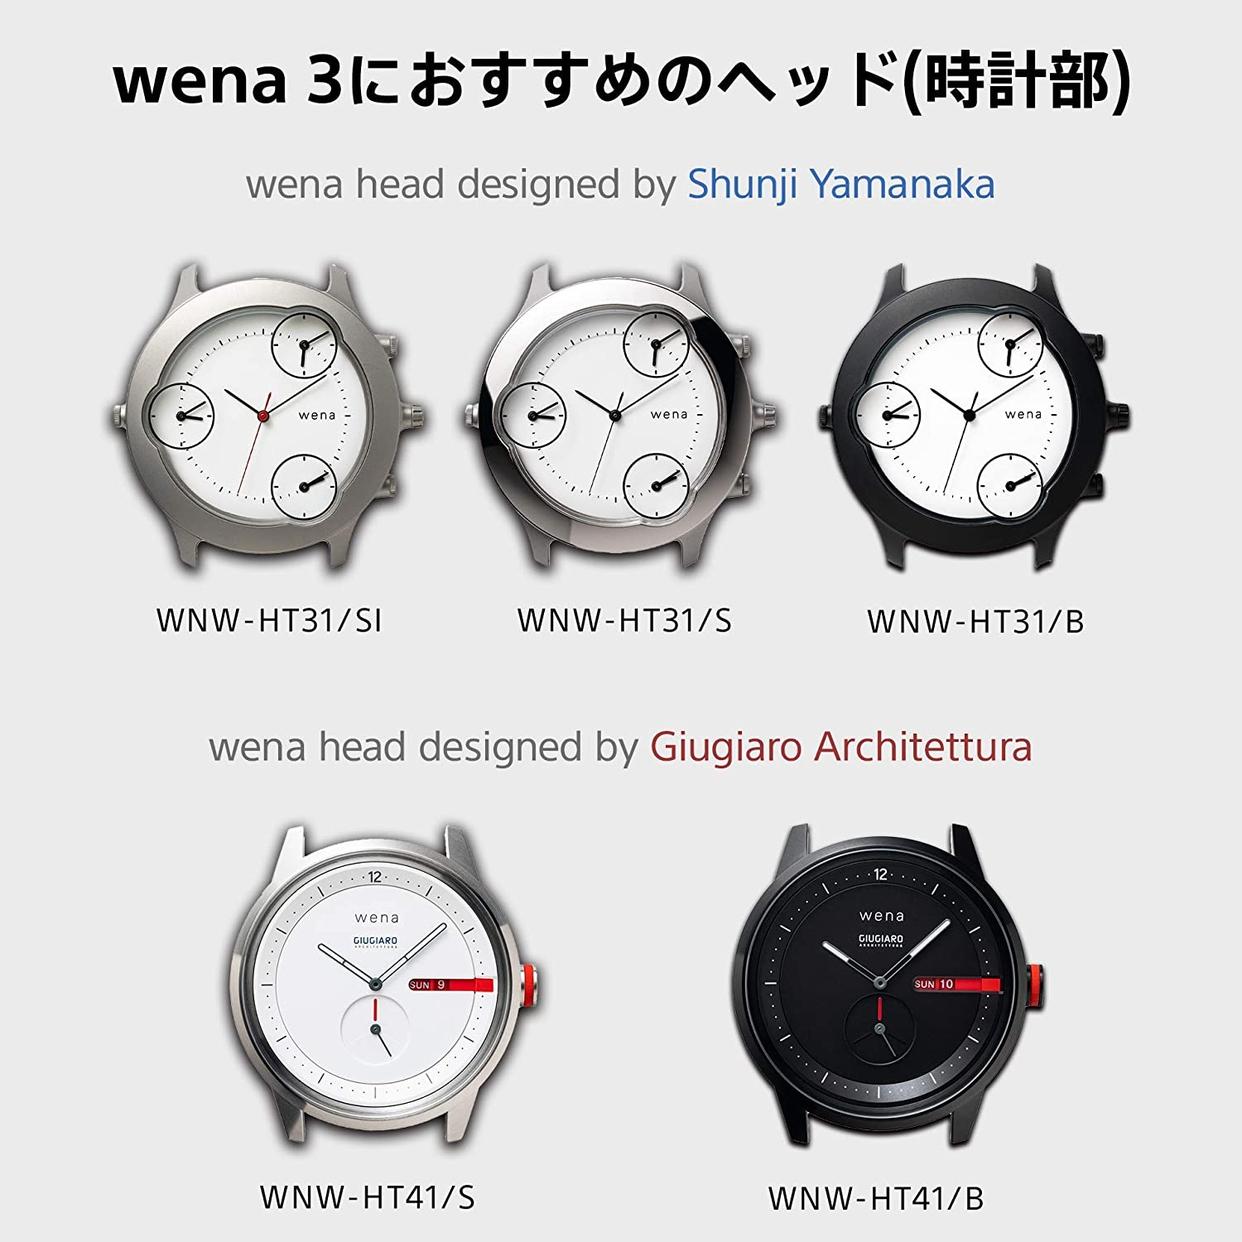 SONY(ソニー) wena 3 metalの商品画像9